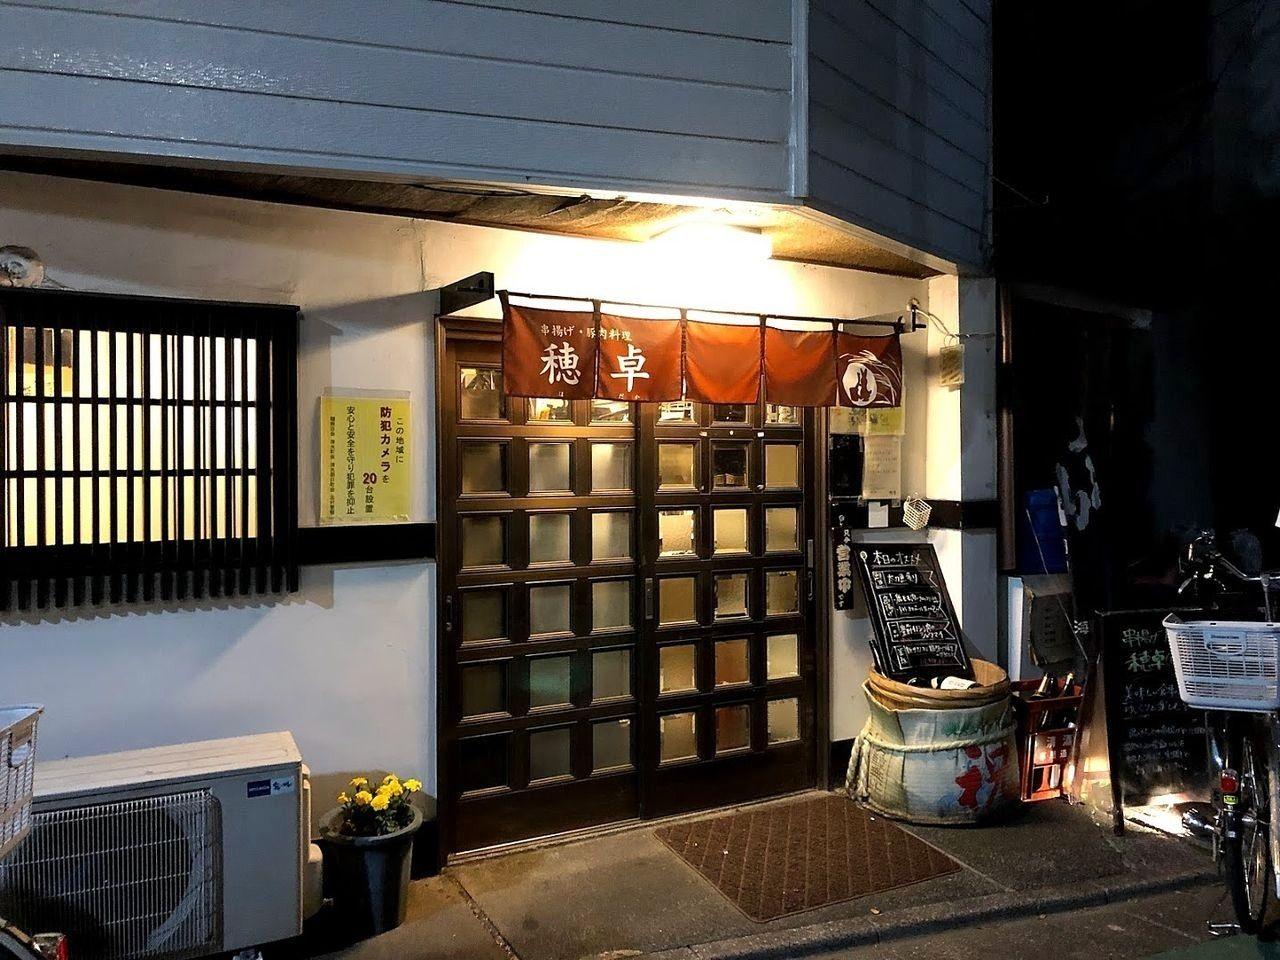 板橋本町の穂卓(ほだか)